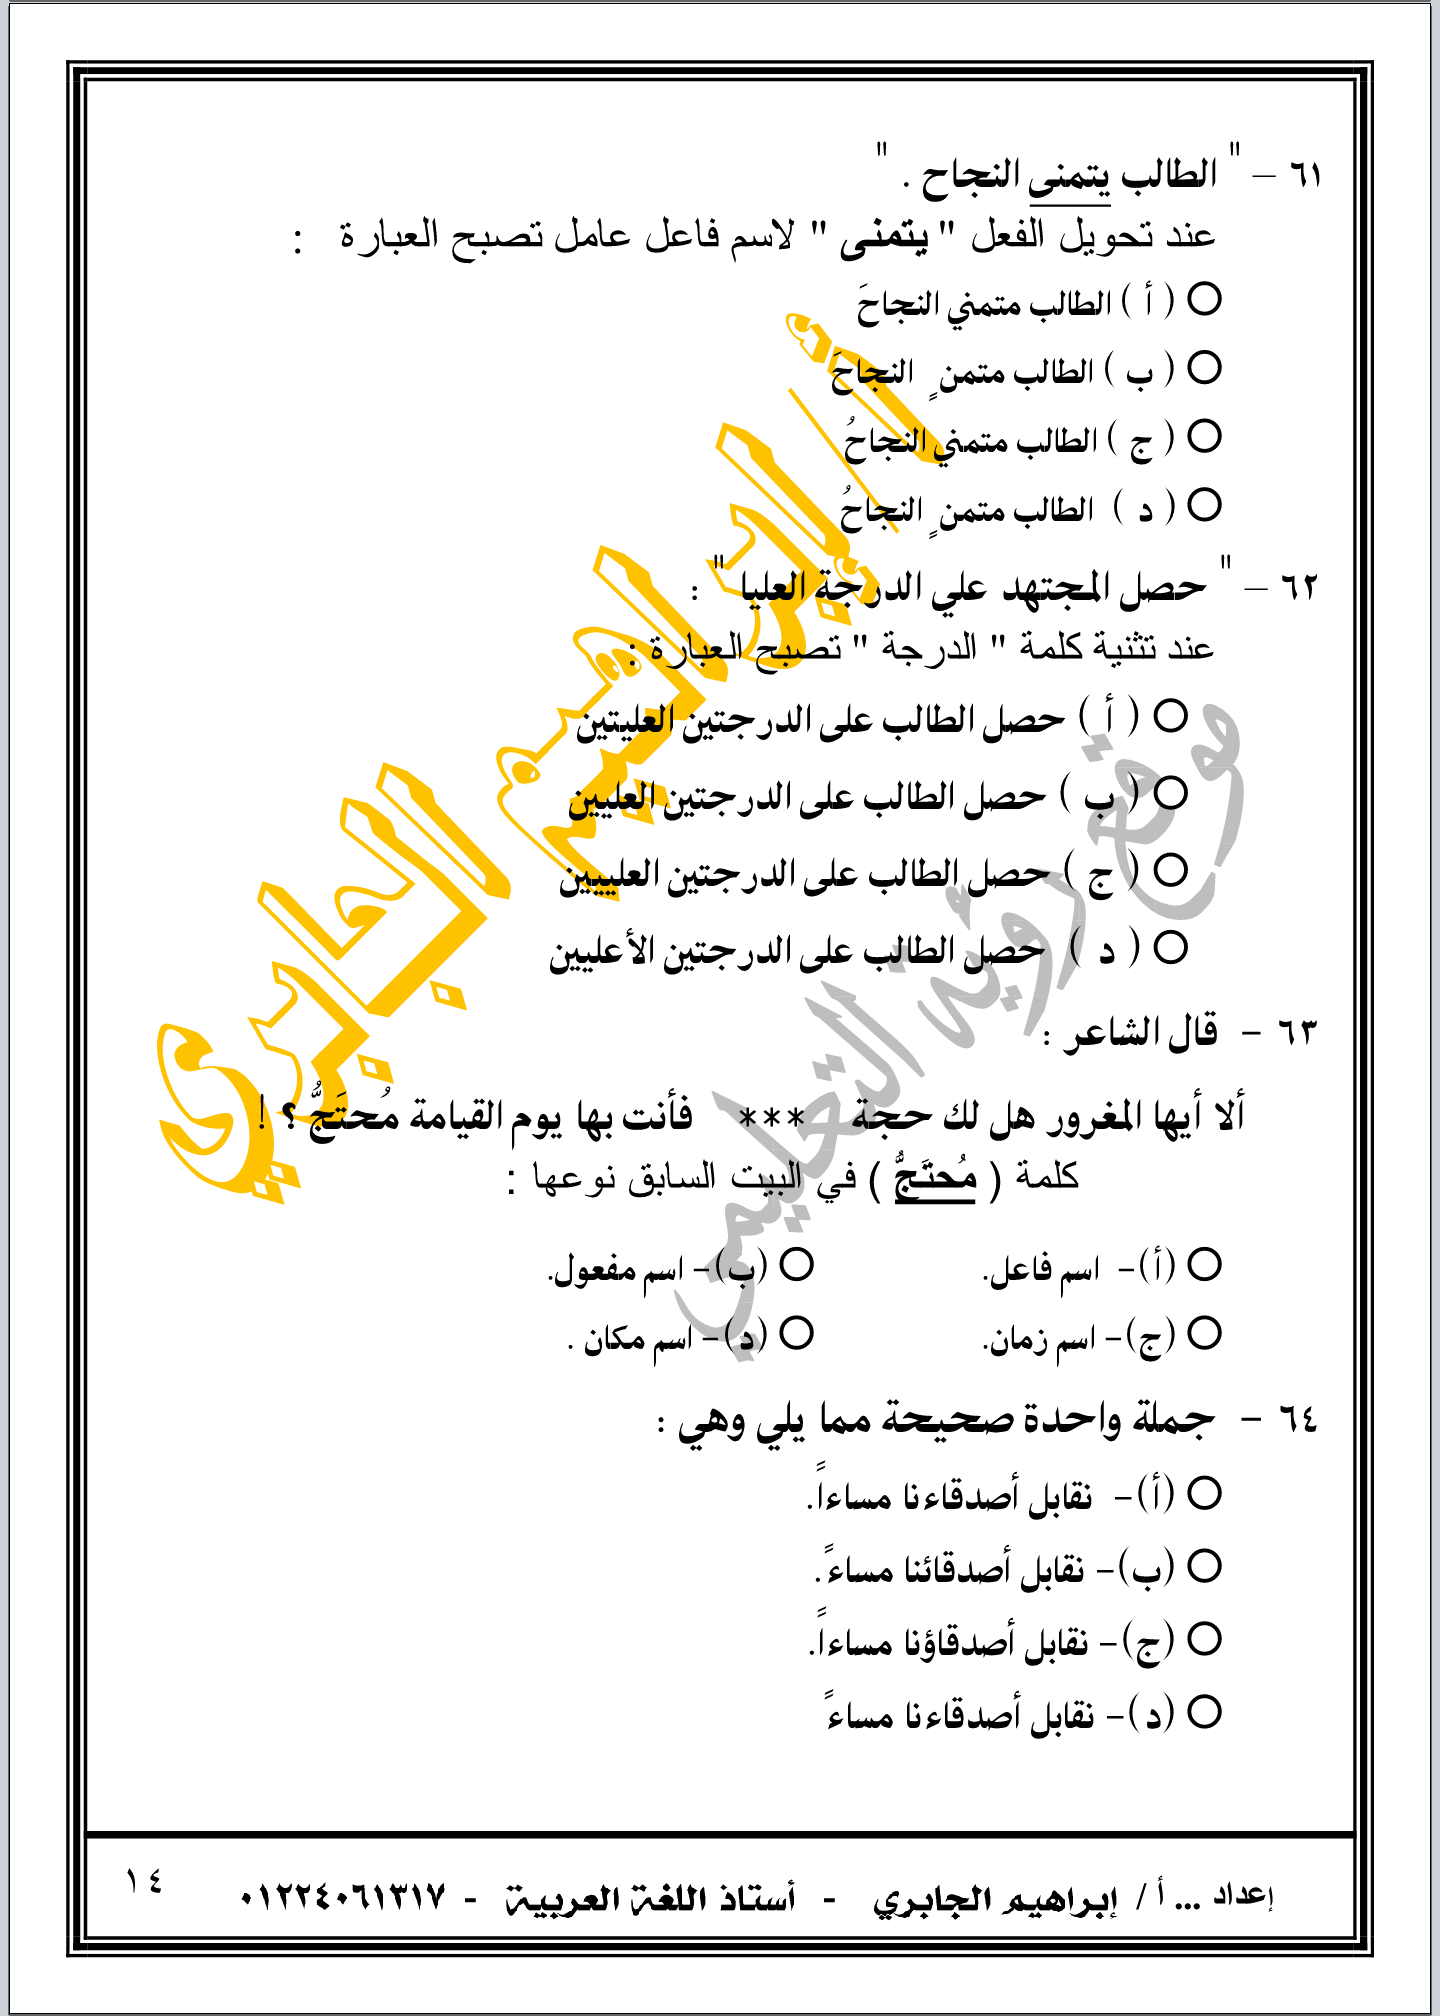 امتحان لغة عربية شامل للثانوية العامة نظام جديد 2021.. 70 سؤالا بالإجابات النموذجية Screenshot_%25D9%25A2%25D9%25A0%25D9%25A2%25D9%25A1-%25D9%25A0%25D9%25A4-%25D9%25A1%25D9%25A5-%25D9%25A0%25D9%25A1-%25D9%25A4%25D9%25A1-%25D9%25A5%25D9%25A7-1